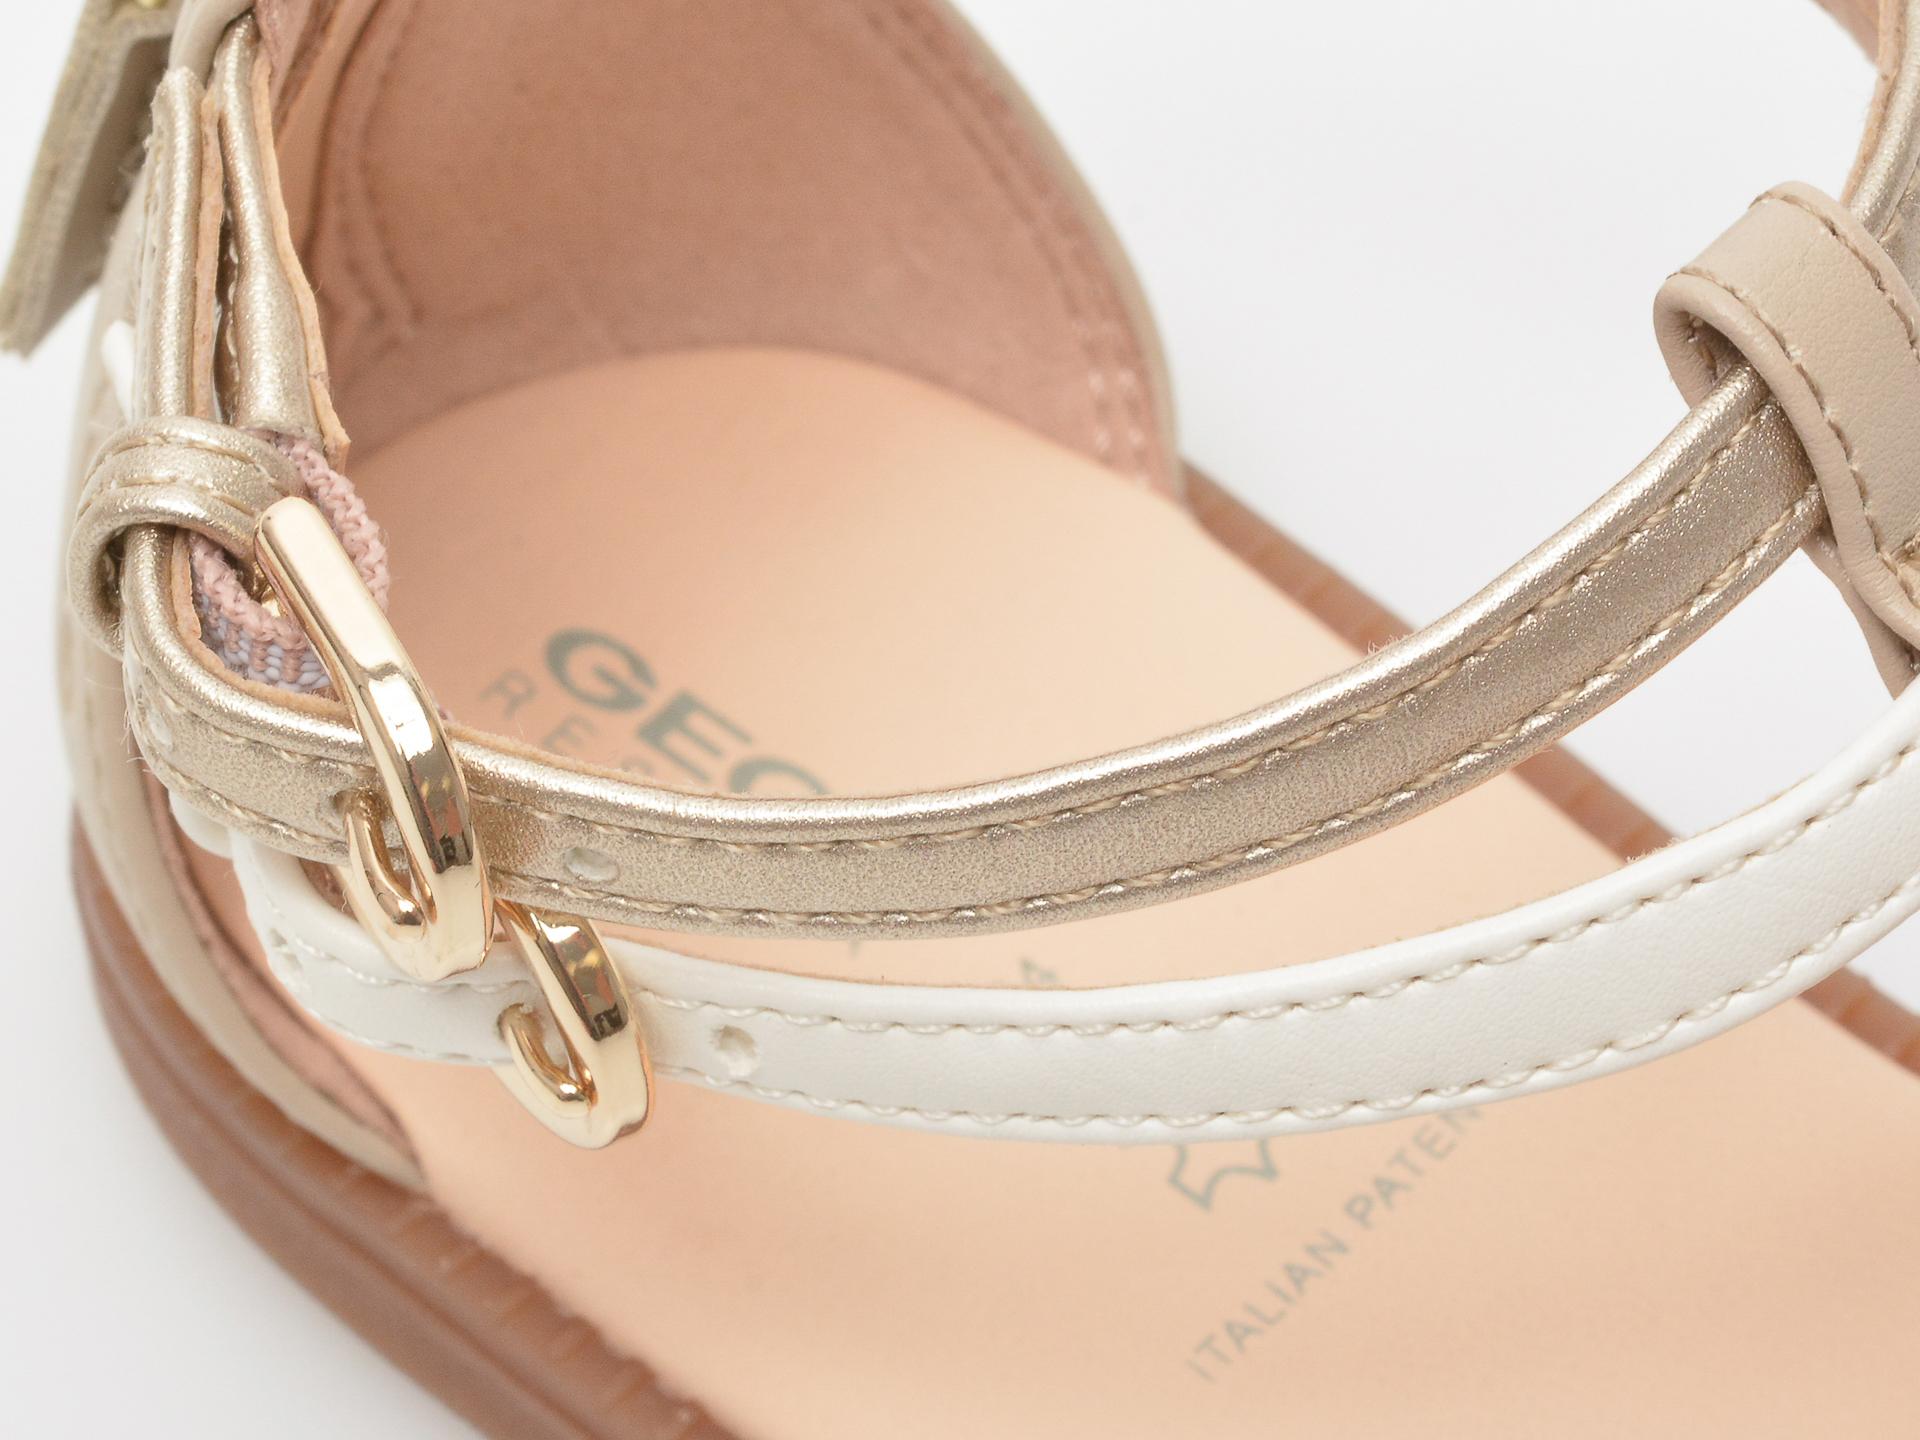 Sandale GEOX bej, J7235D, din piele ecologica - 3